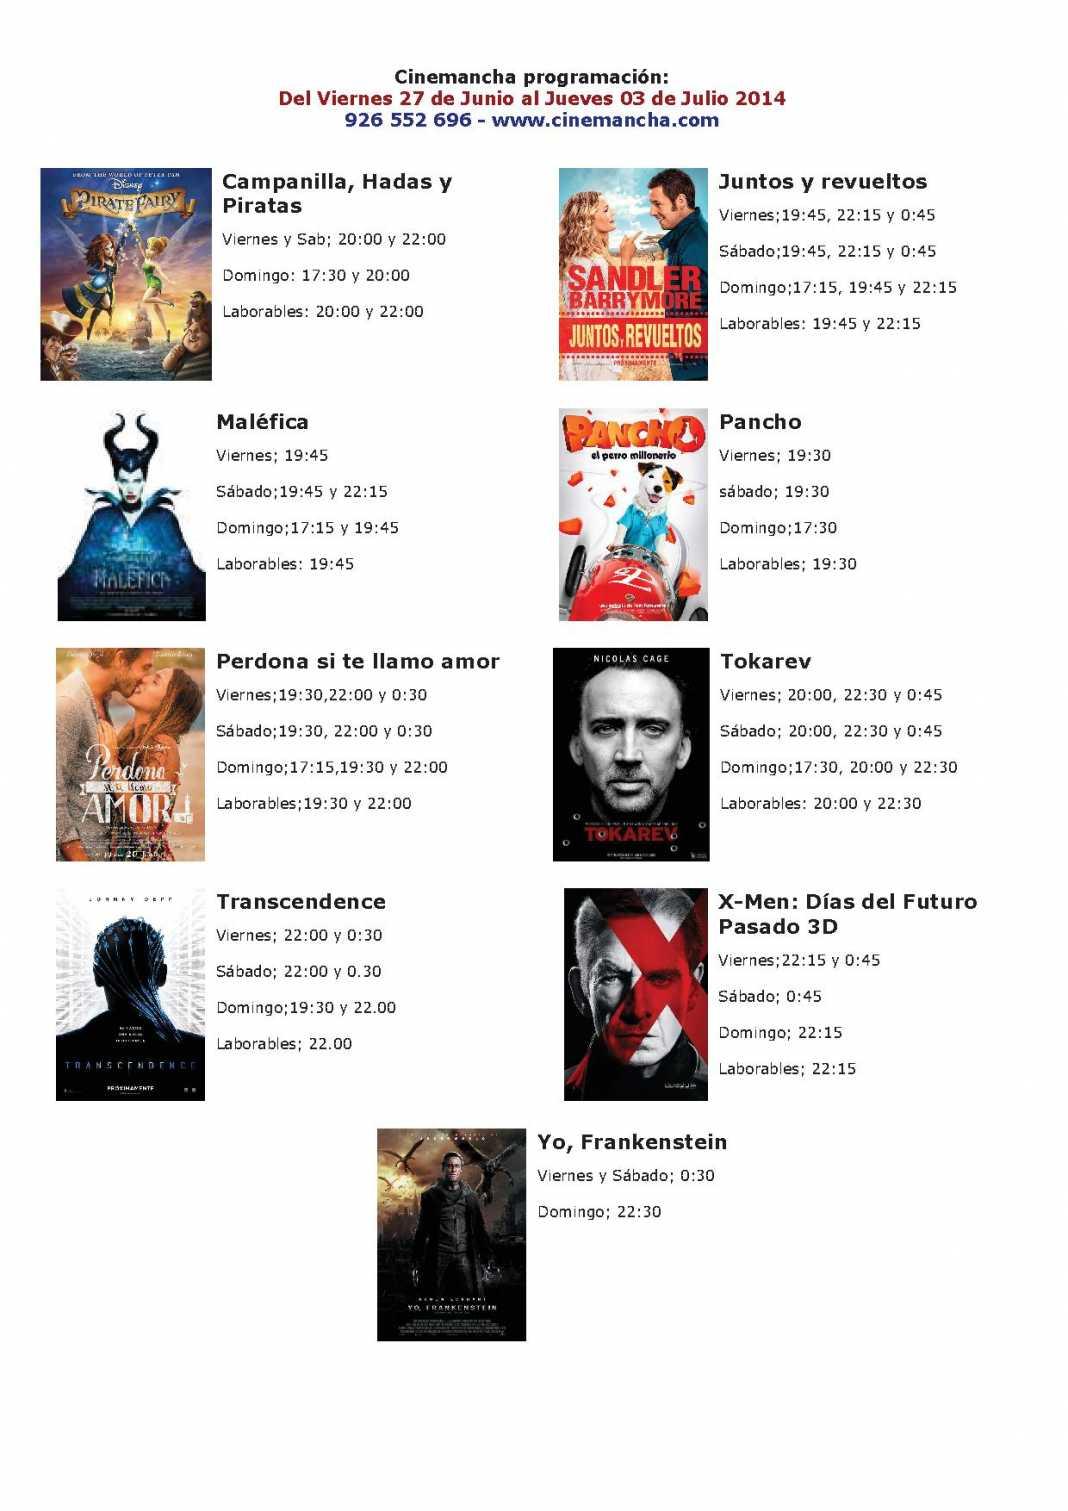 cartelera del 27 de junio al 03 de julio 1068x1511 - Cinemancha programación: Del Viernes 27 de Junio al Jueves 03 de Julio 2014